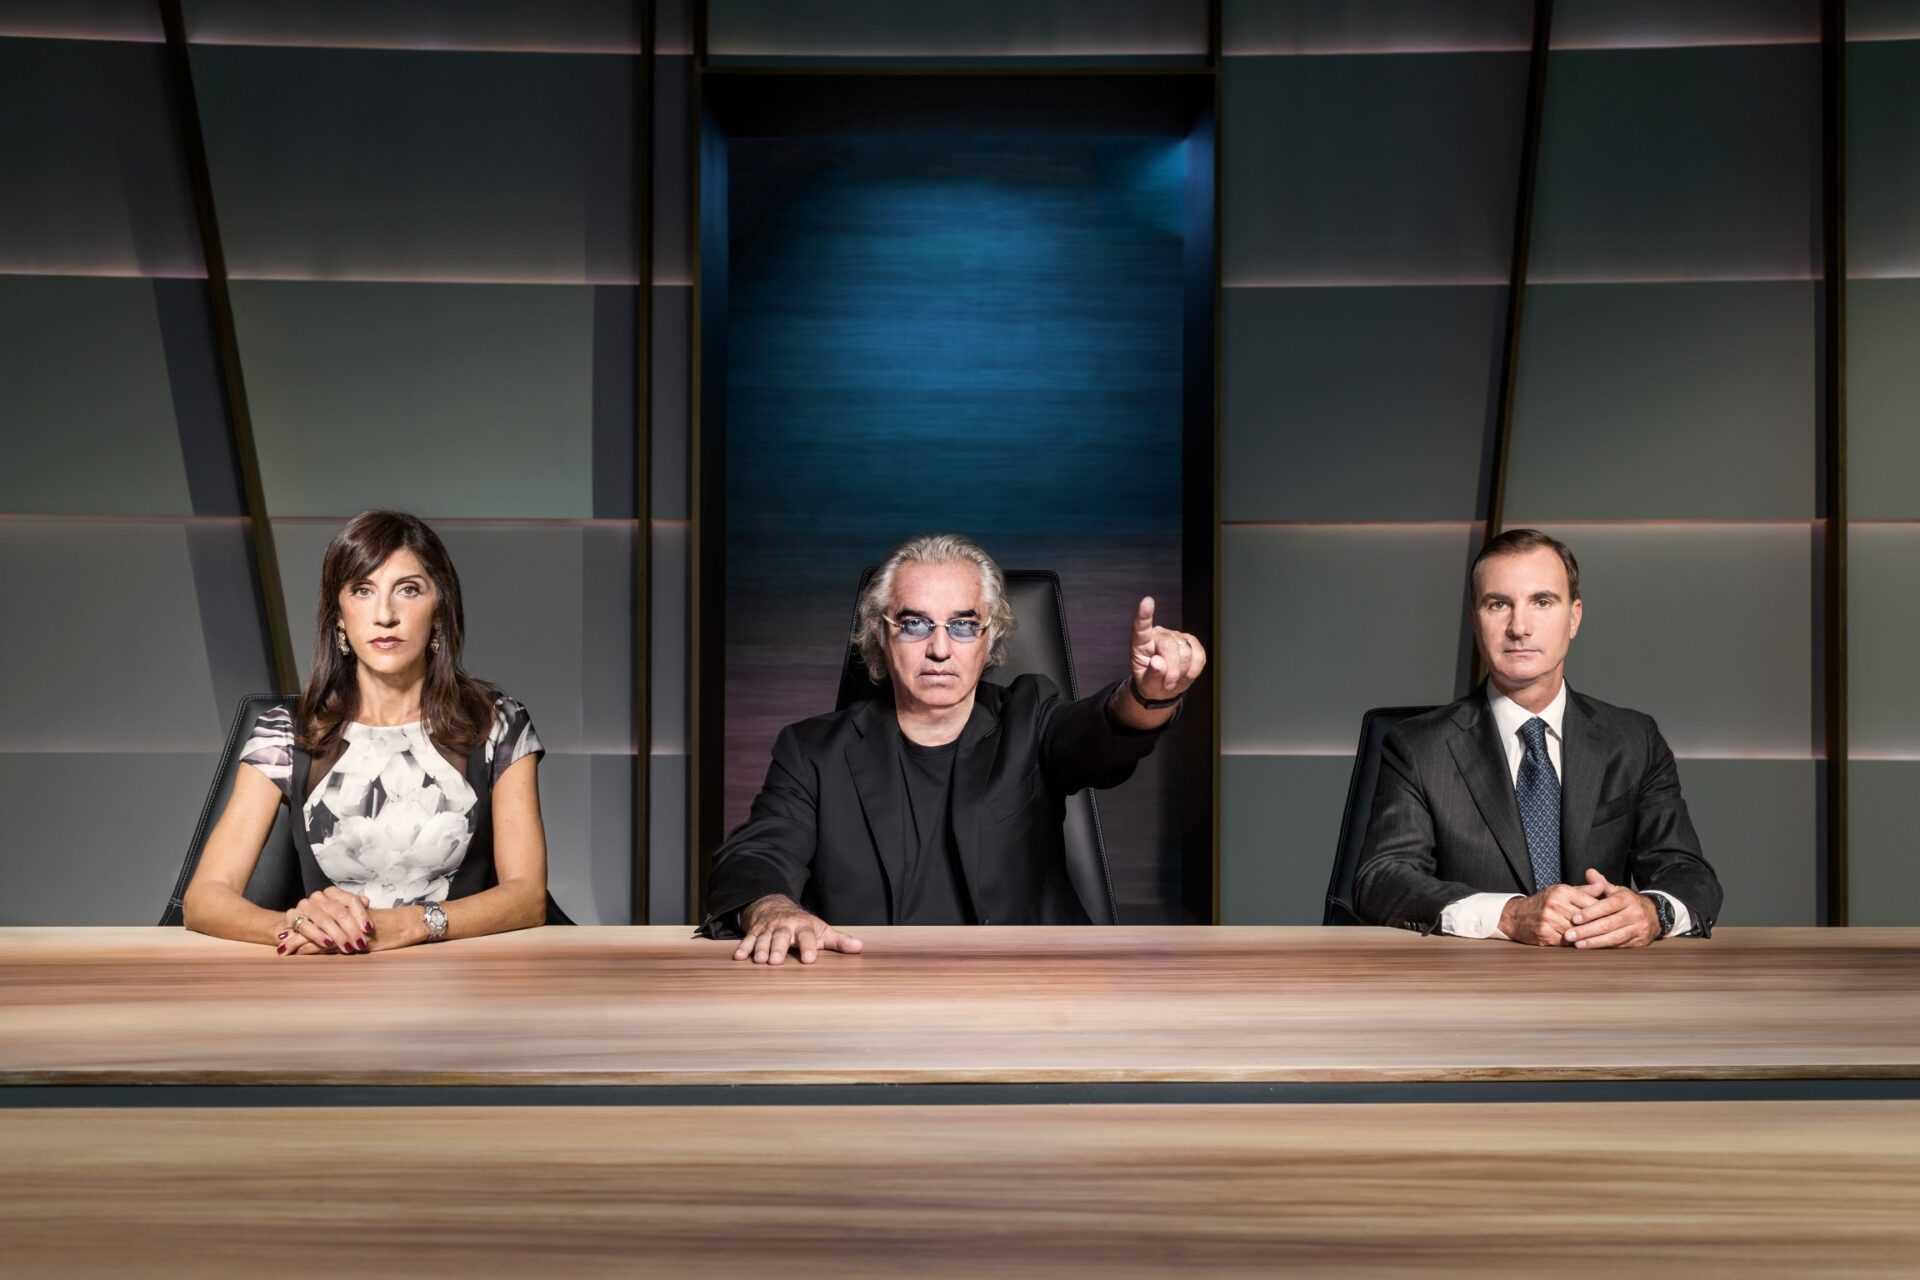 The Apprentice: la seconda stagione in esclusiva in chiaro su Cielo | Digitale terrestre: Dtti.it